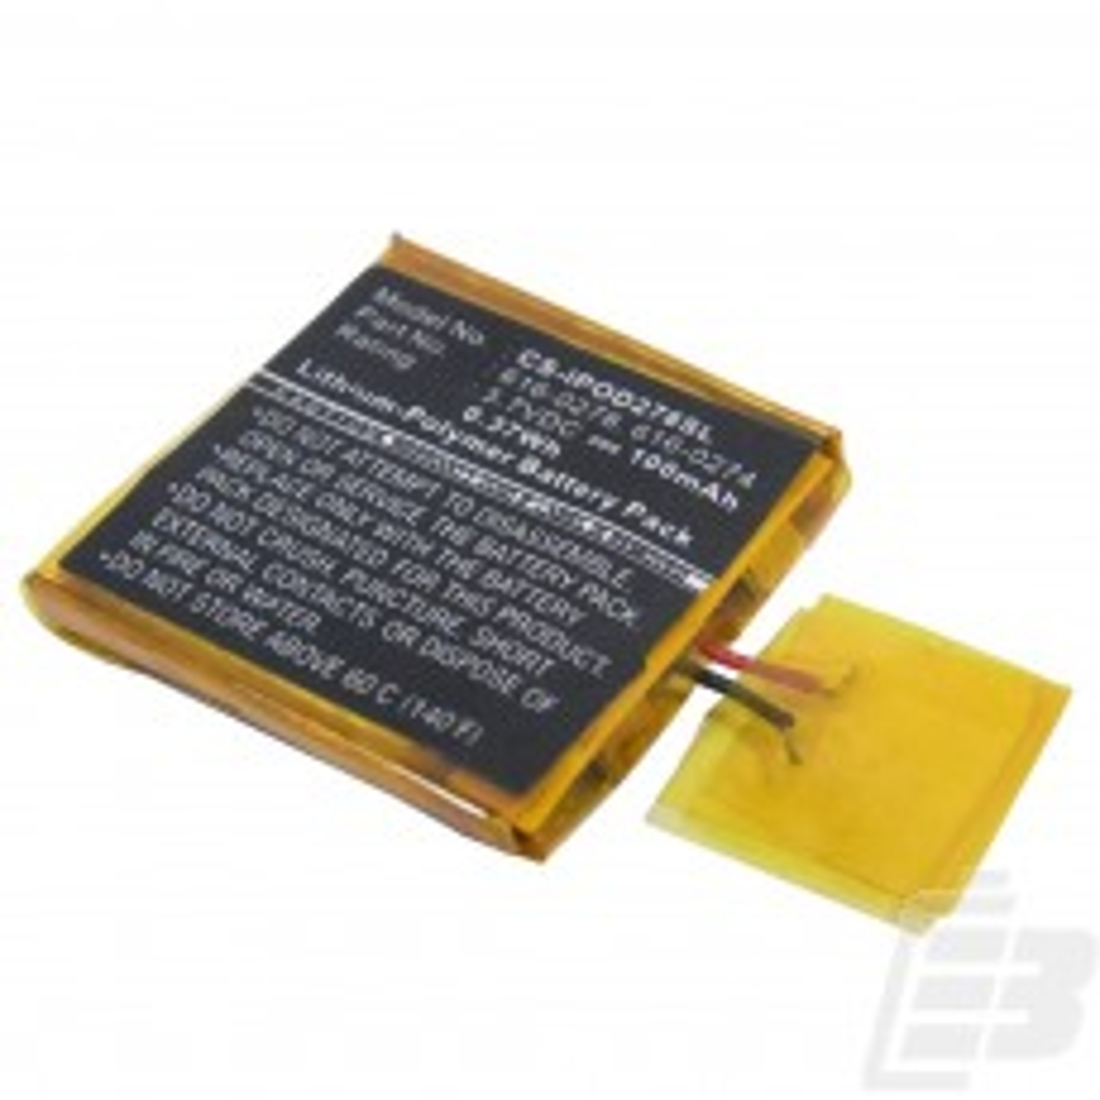 MP3 battery Apple iPod Shuffle 2nd generation_1